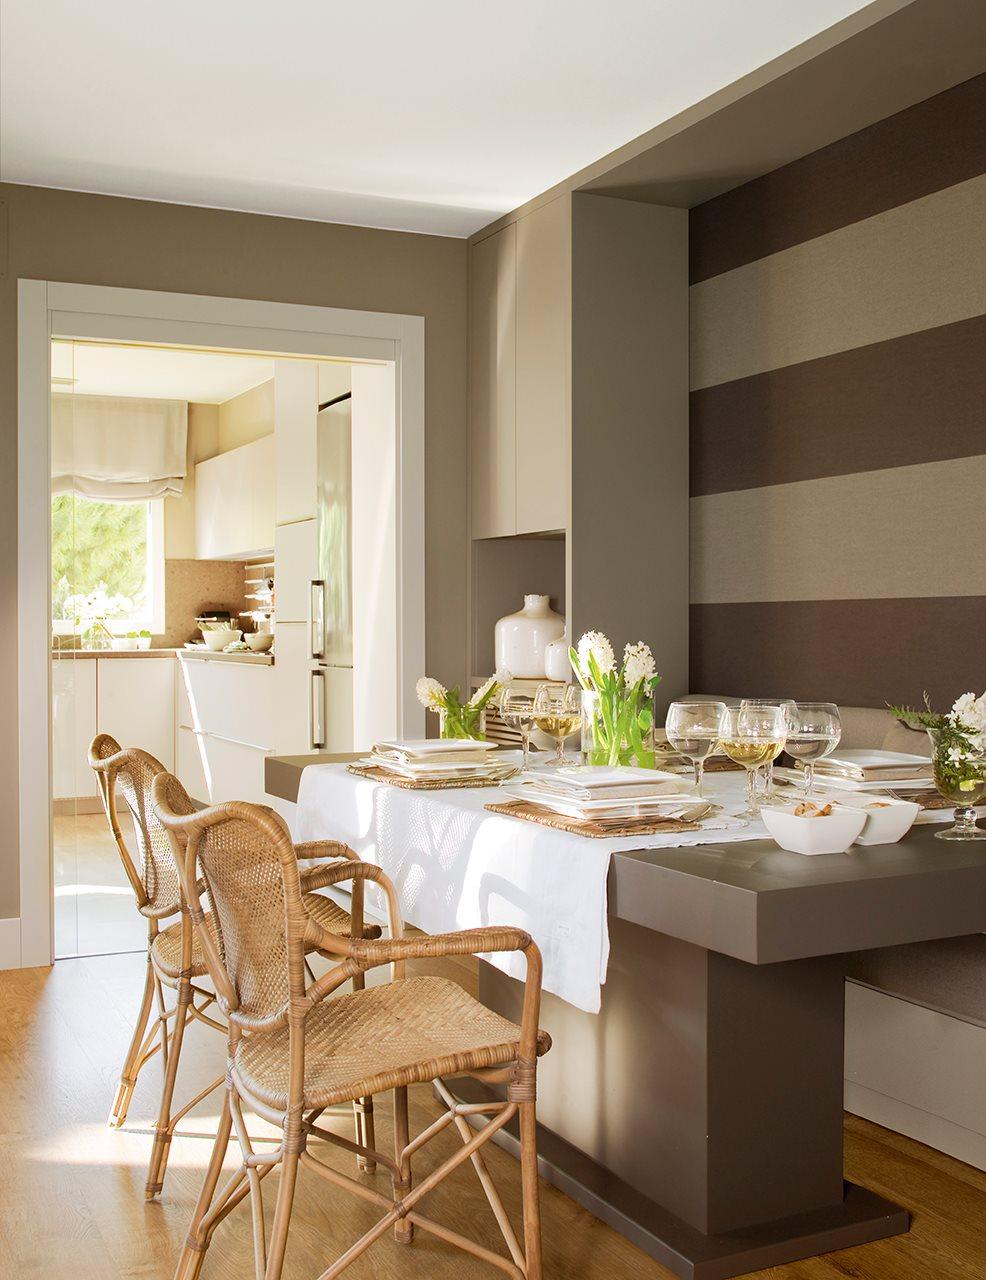 Reforma para ampliar luz y espacio - Pintado de paredes ...